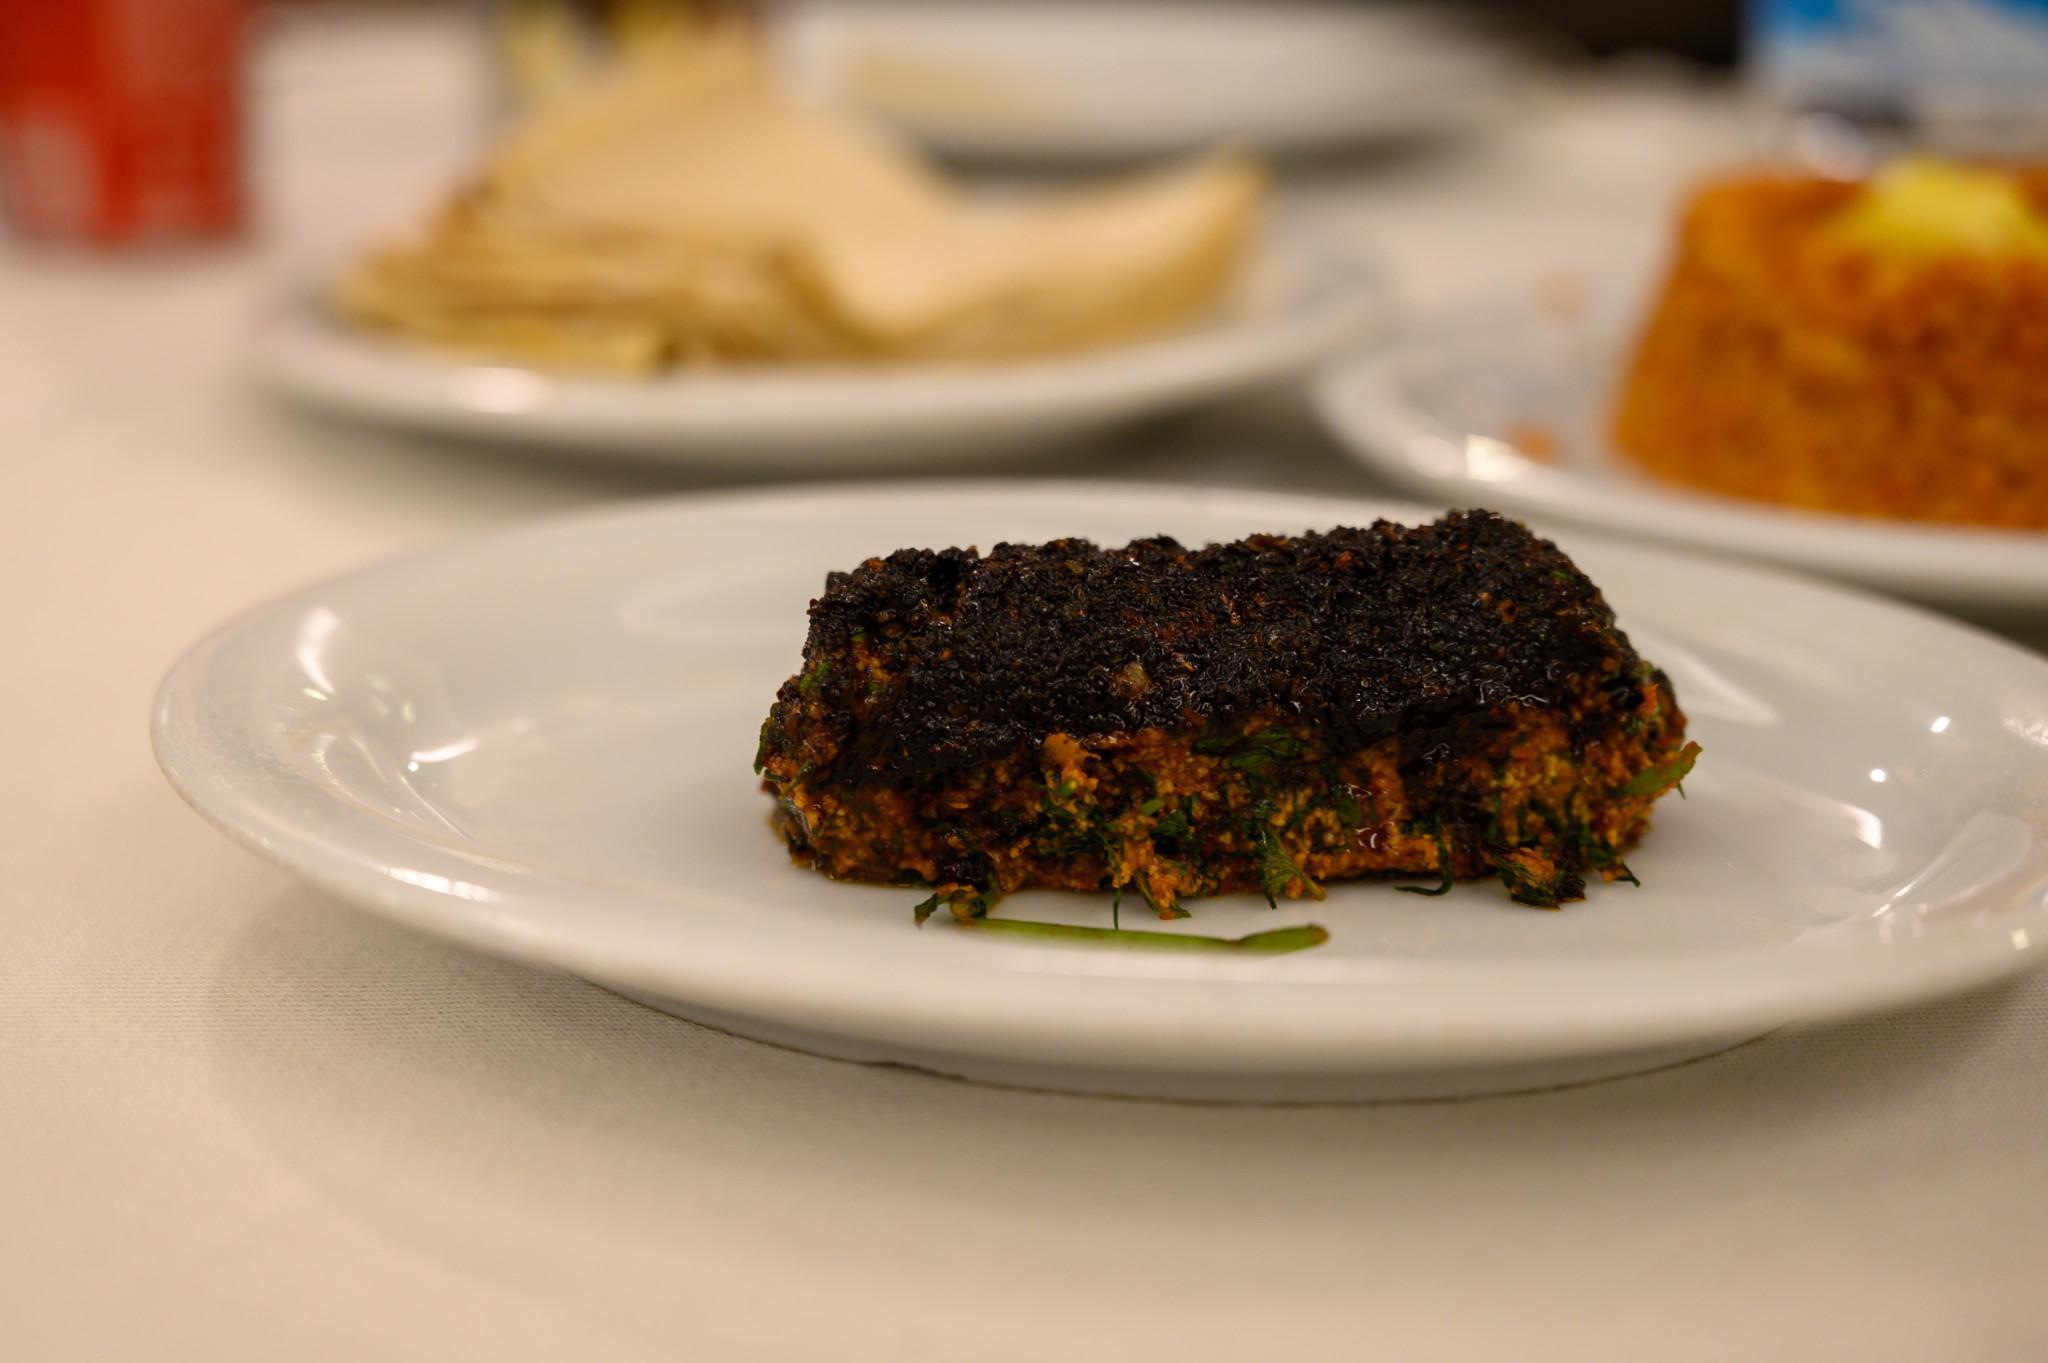 Vorspeisen sind die Basis vom türkischen Essen